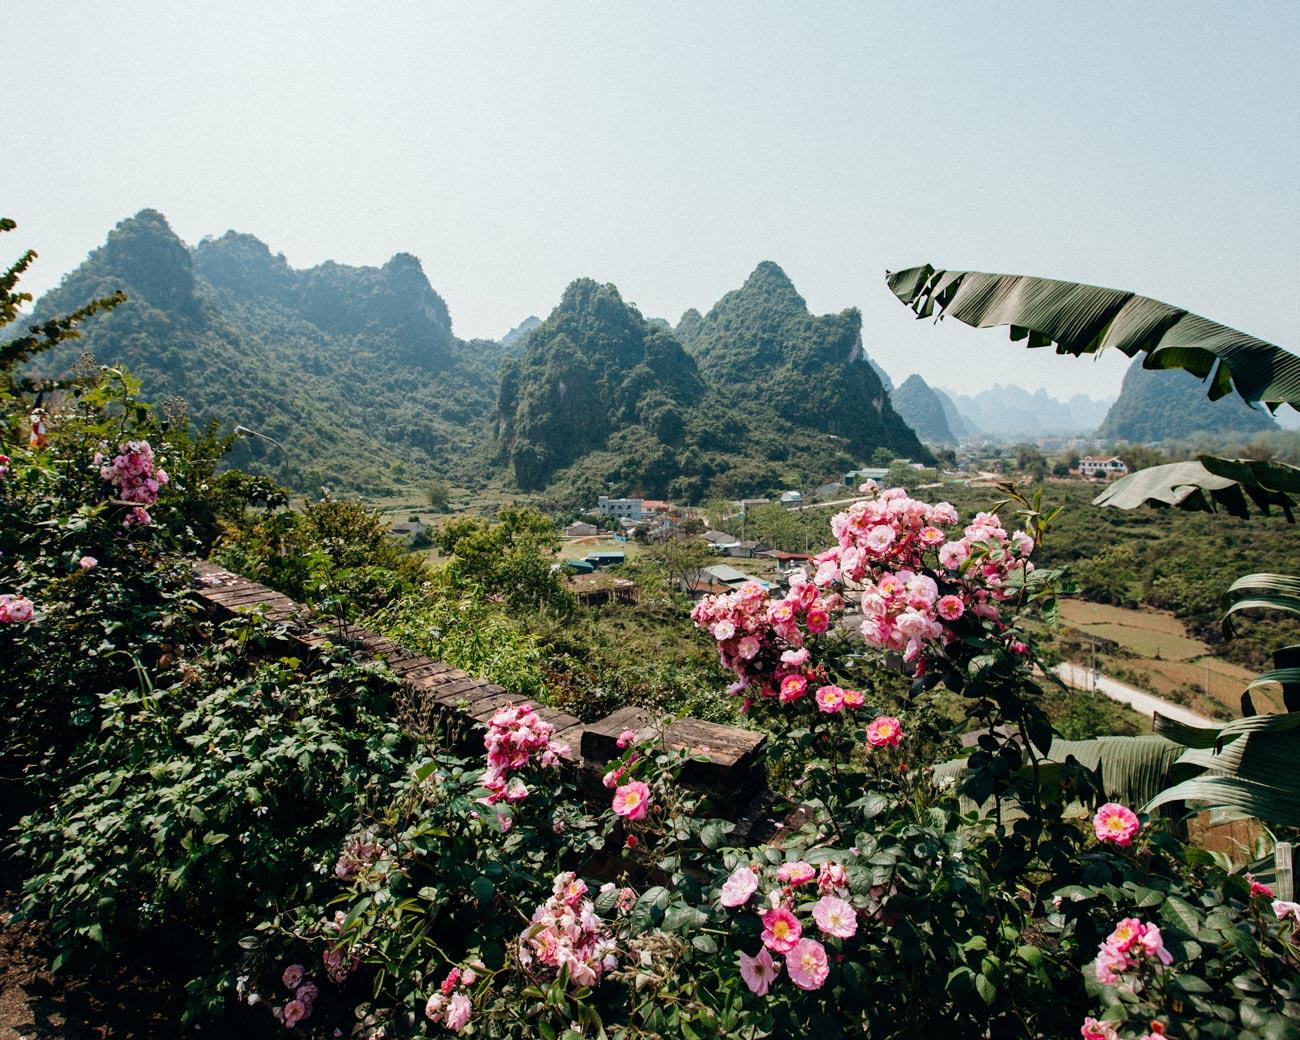 Truc-Lam-Phat-Tich-Pagoda-Pass-vietnam-10-days